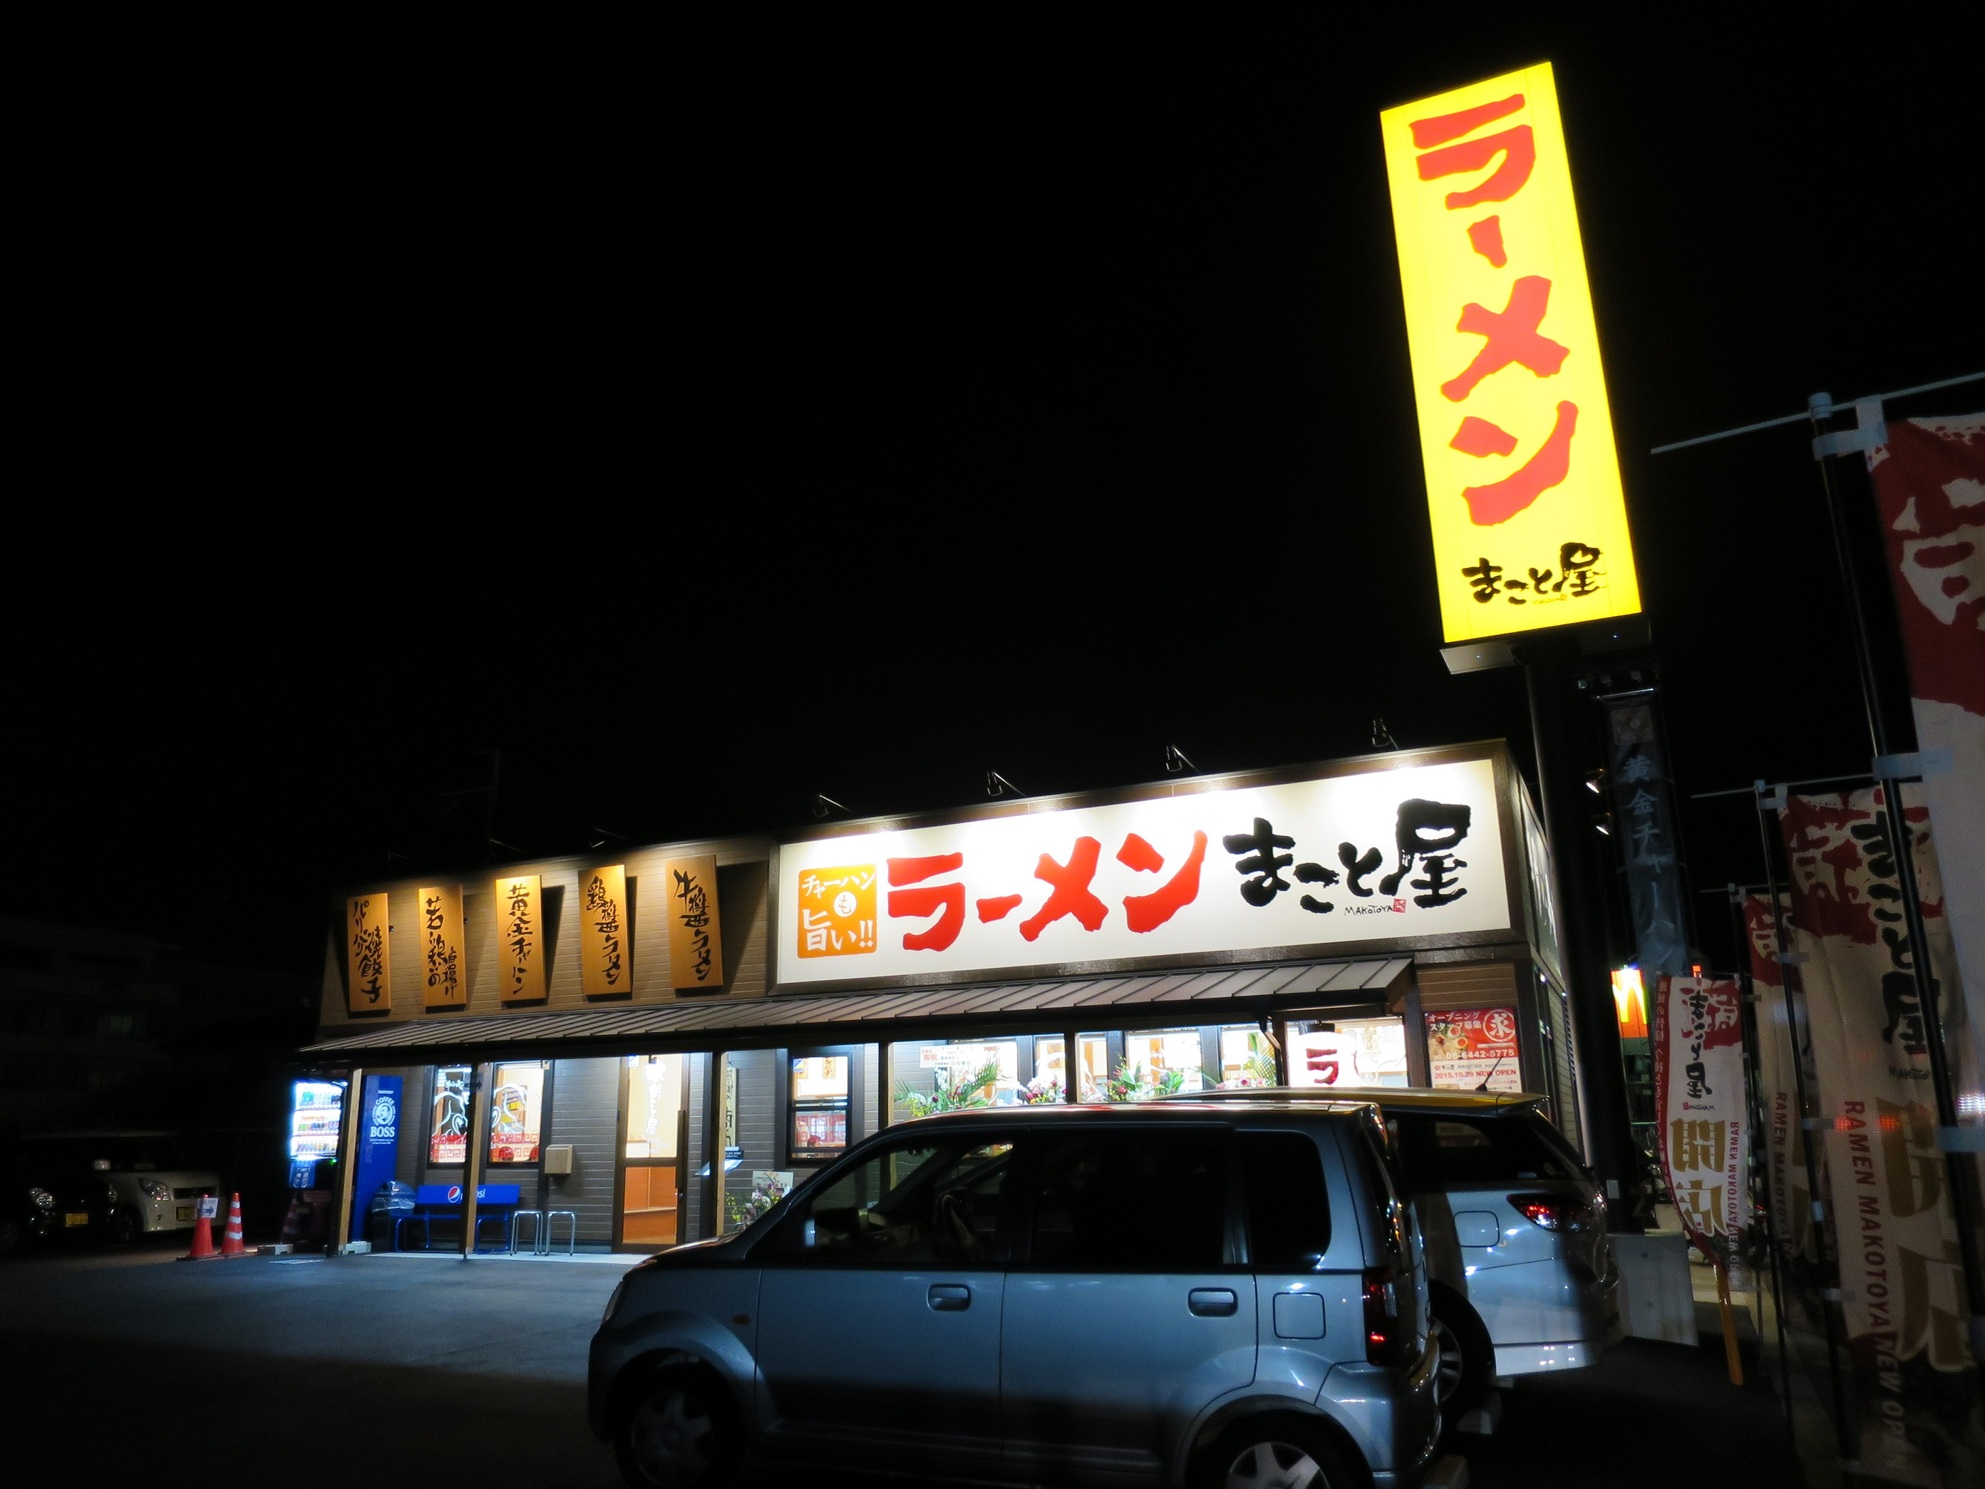 ラーメン まこと屋 岸和田三田店